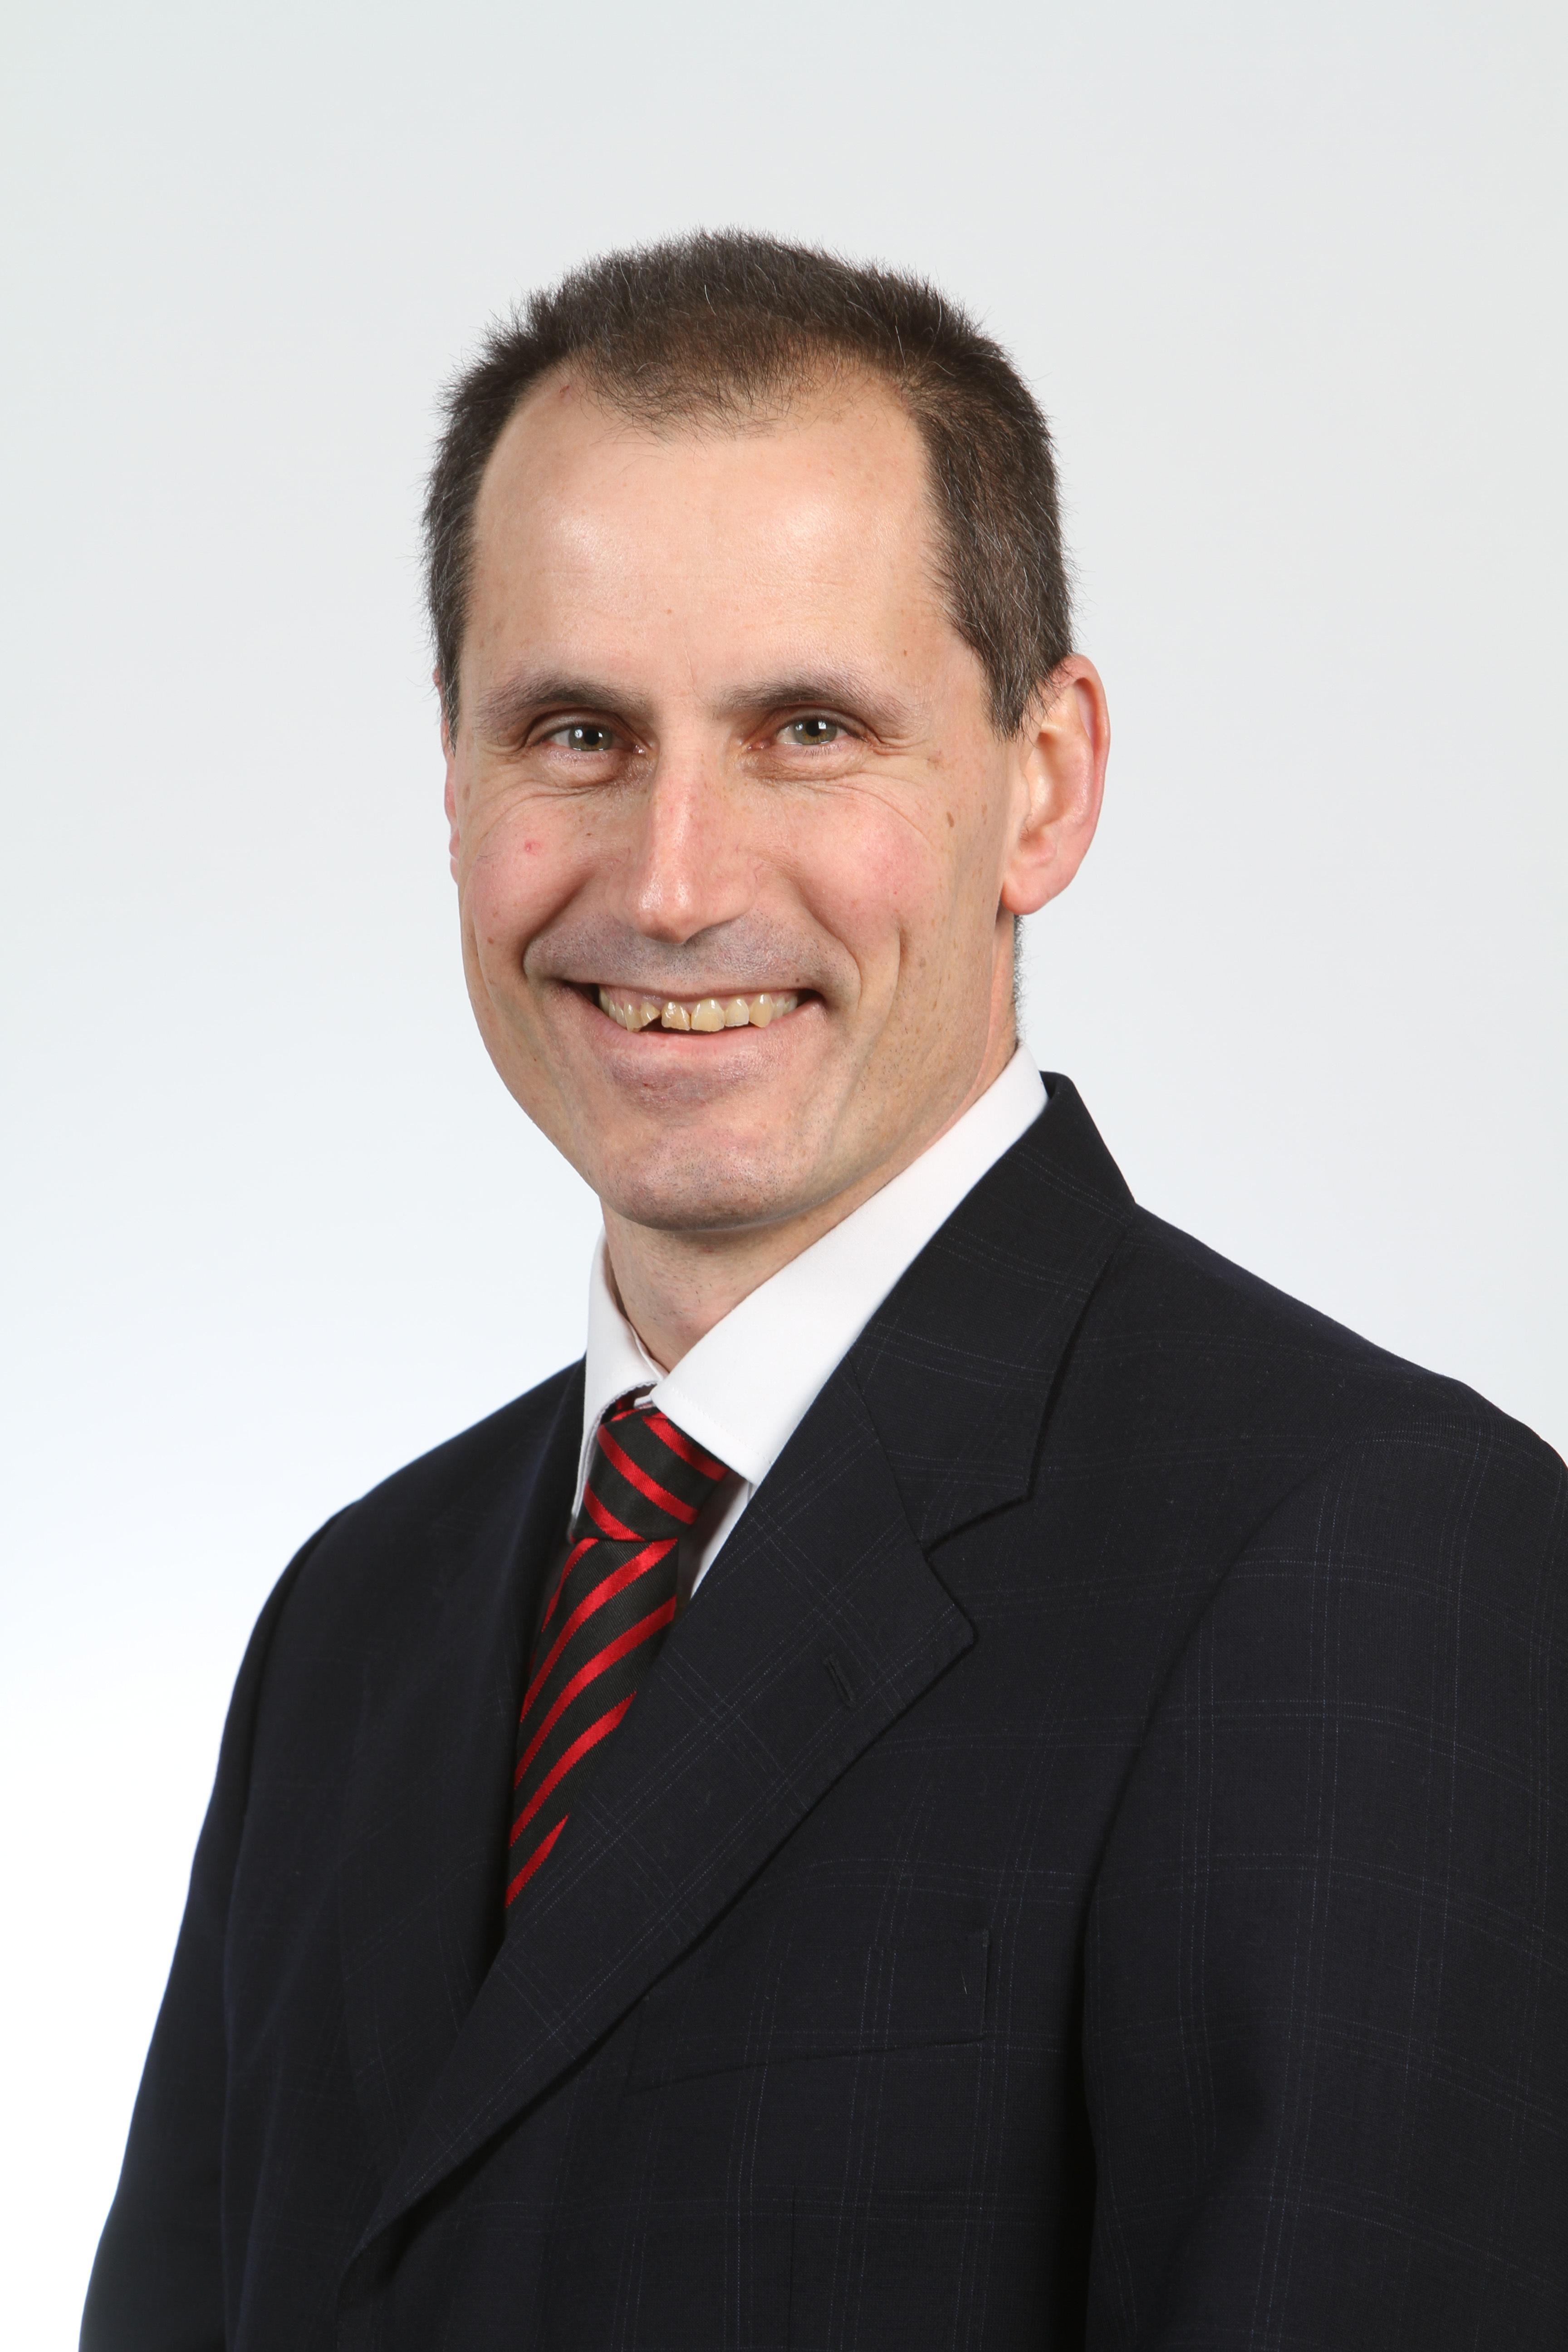 Seftn Central MP Bill Esterson